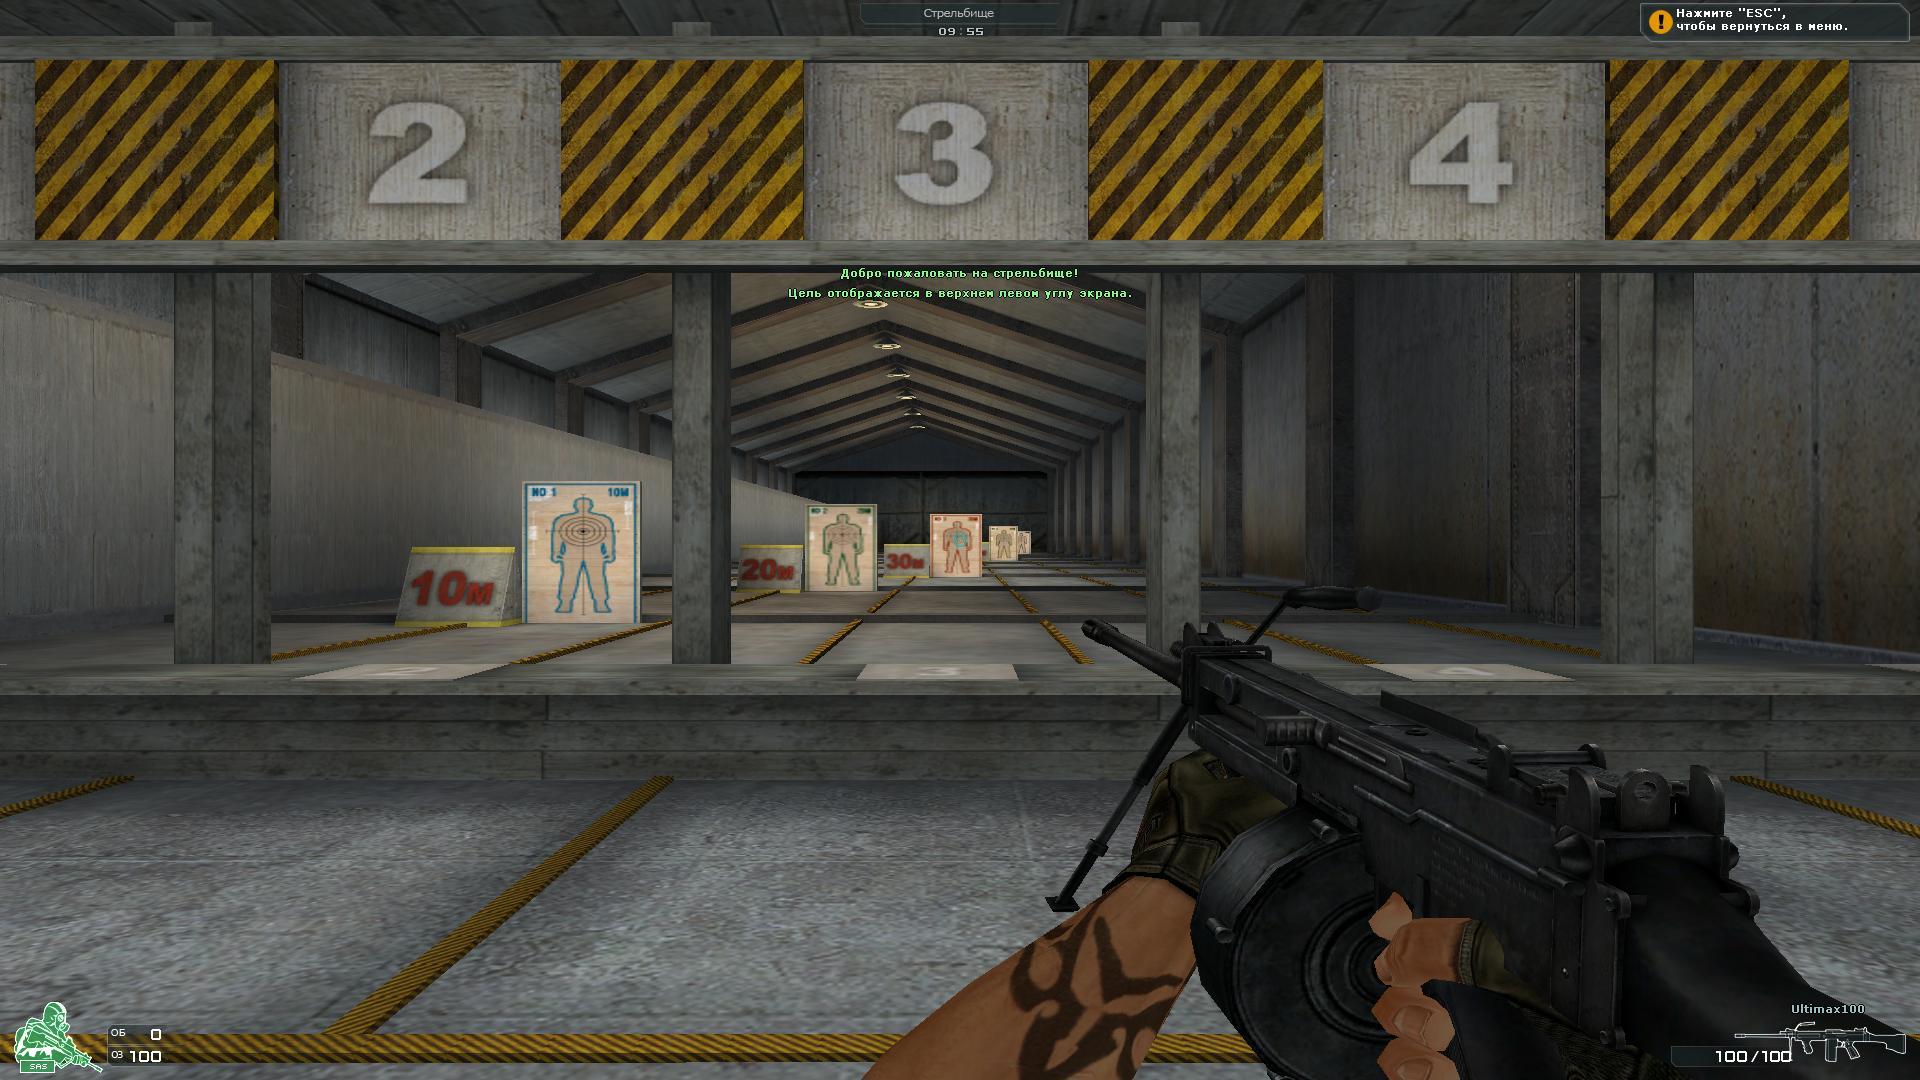 Ultimax juga kondang dalam game action di desktop/PC.